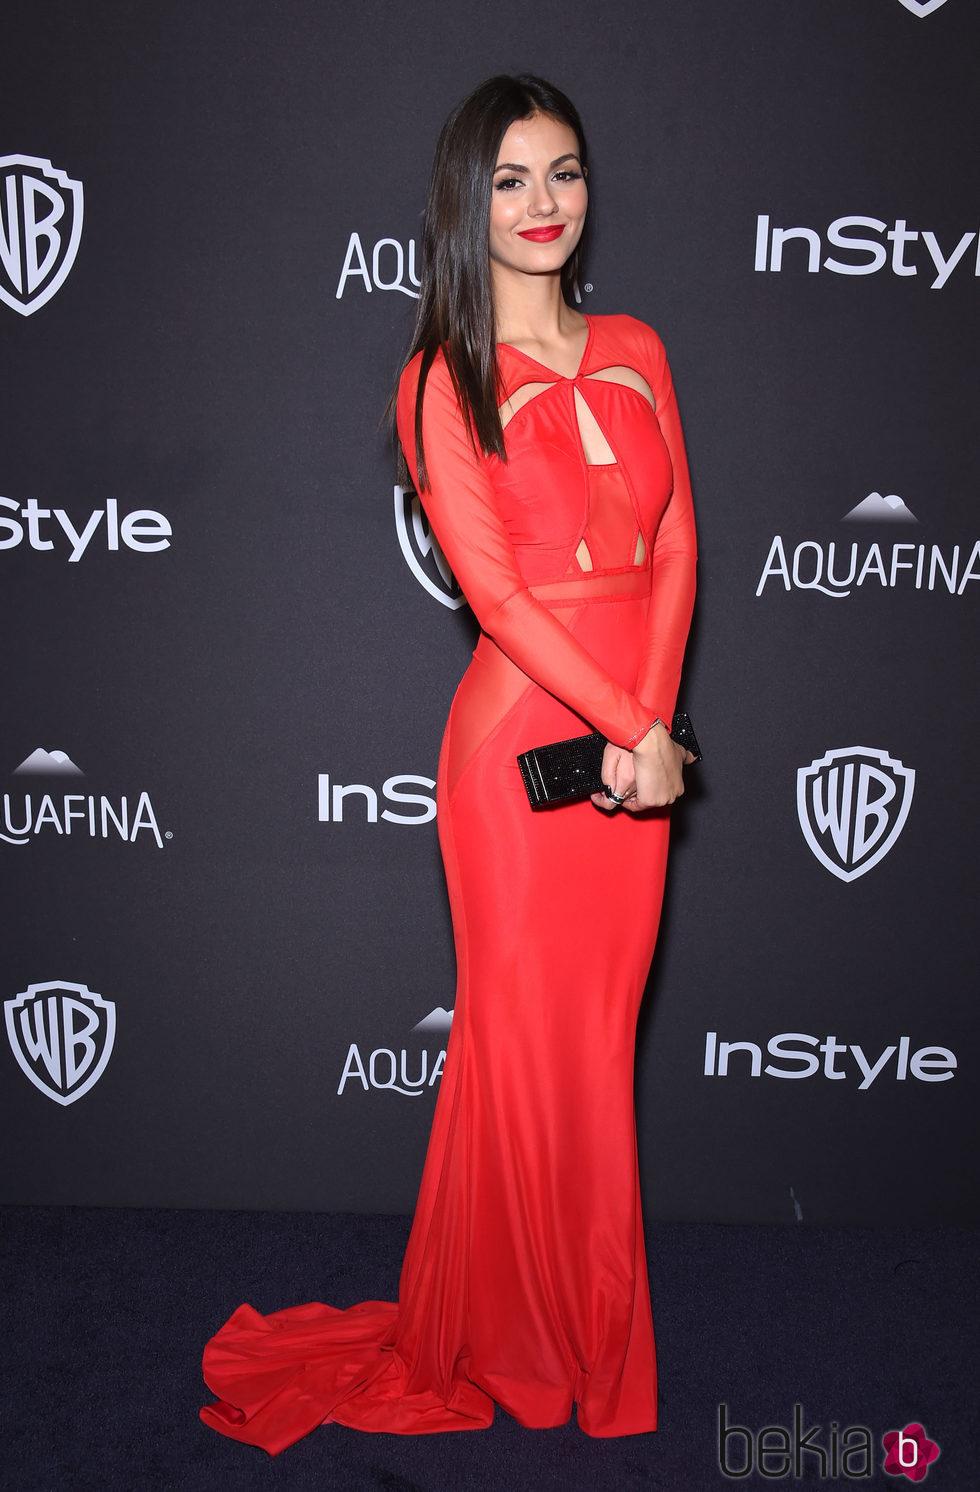 Victoria Justice en la fiesta de InStyle tras la entrega de los Globos de Oro 2016